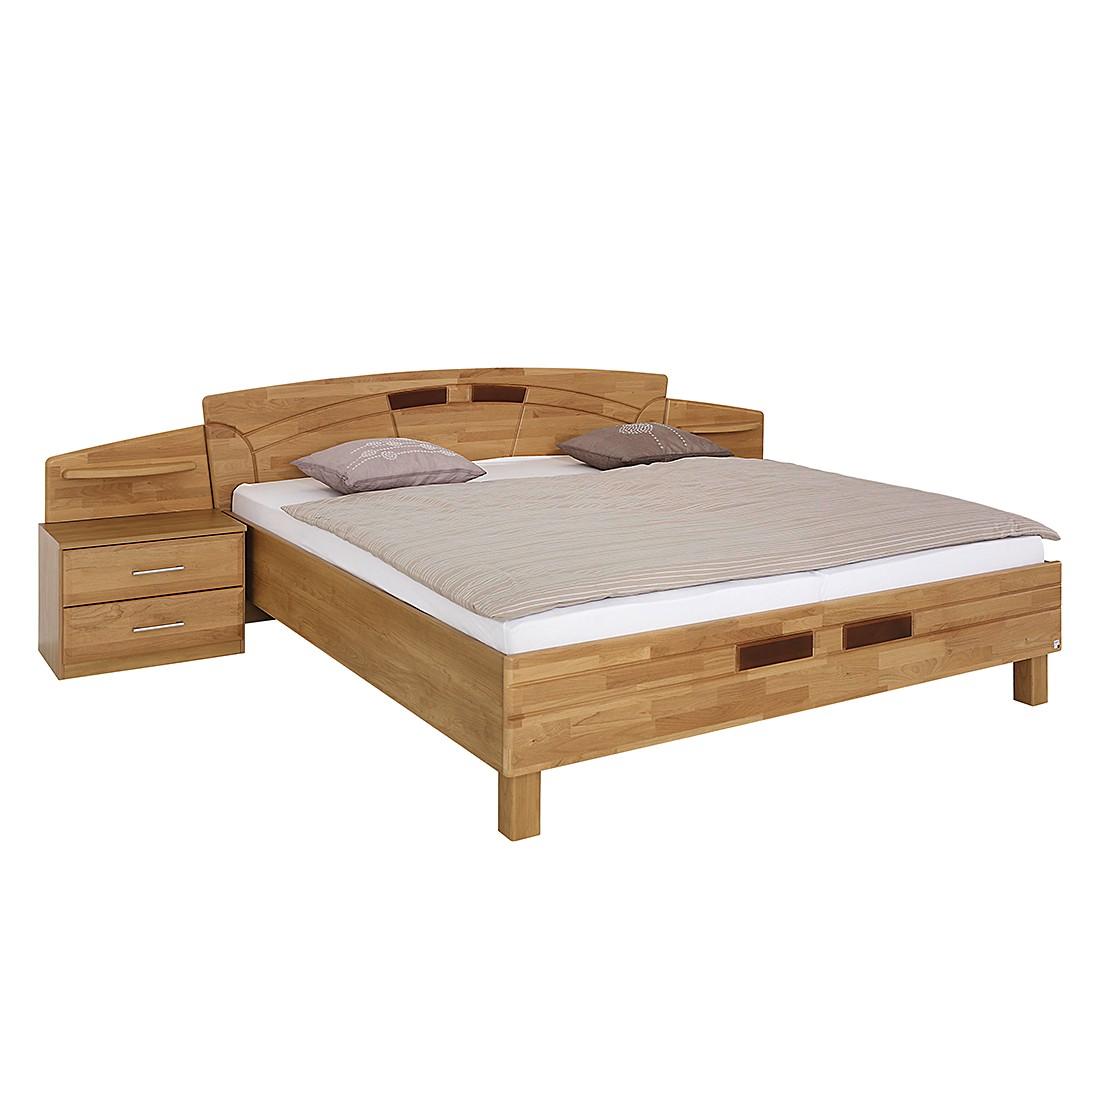 goedkoop Bed met nachtkastjes Sarah II deels massief elzenhout gelakt ligoppervlak: 200x200cm Rauch Steffen